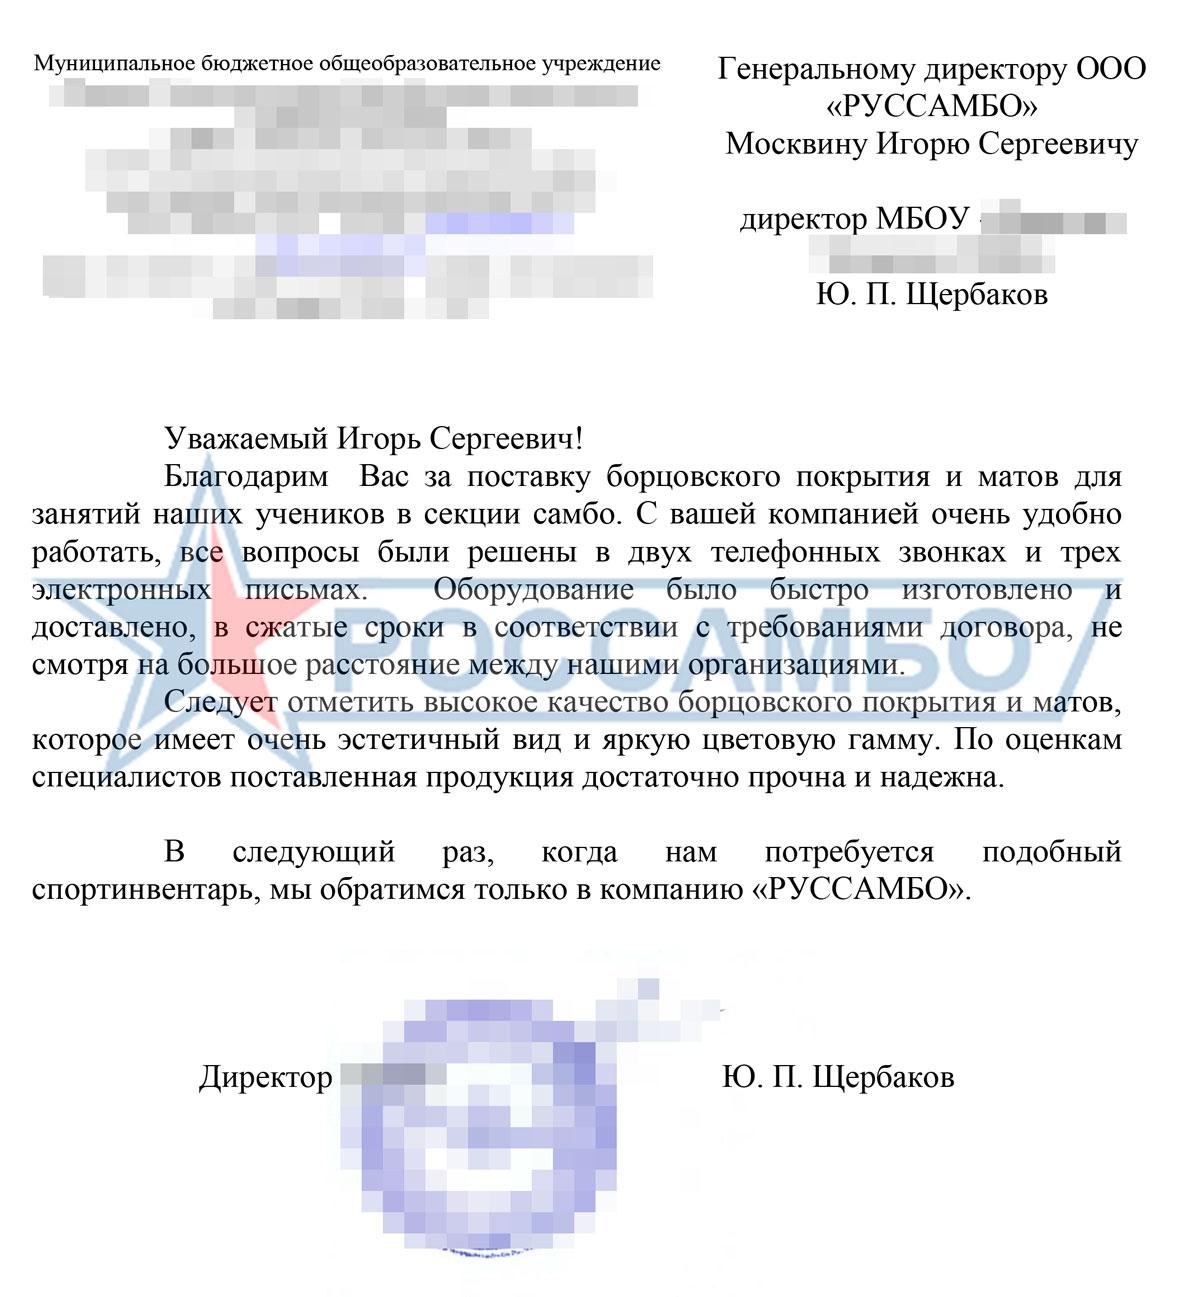 Благодарность за борцовское покрытие и маты в адрес РОССАМБО